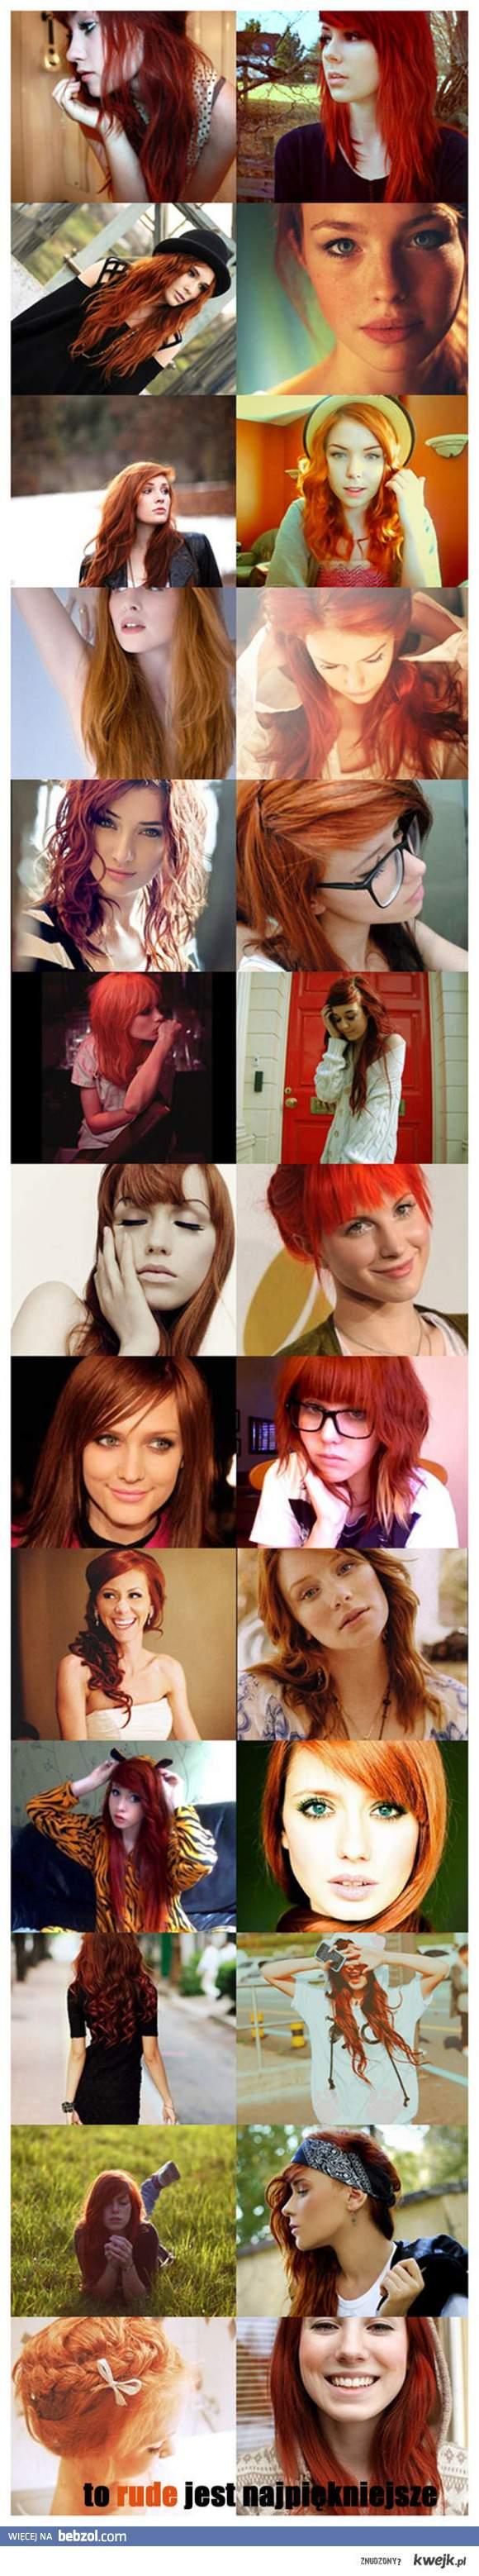 Bo rude jest piękne;*